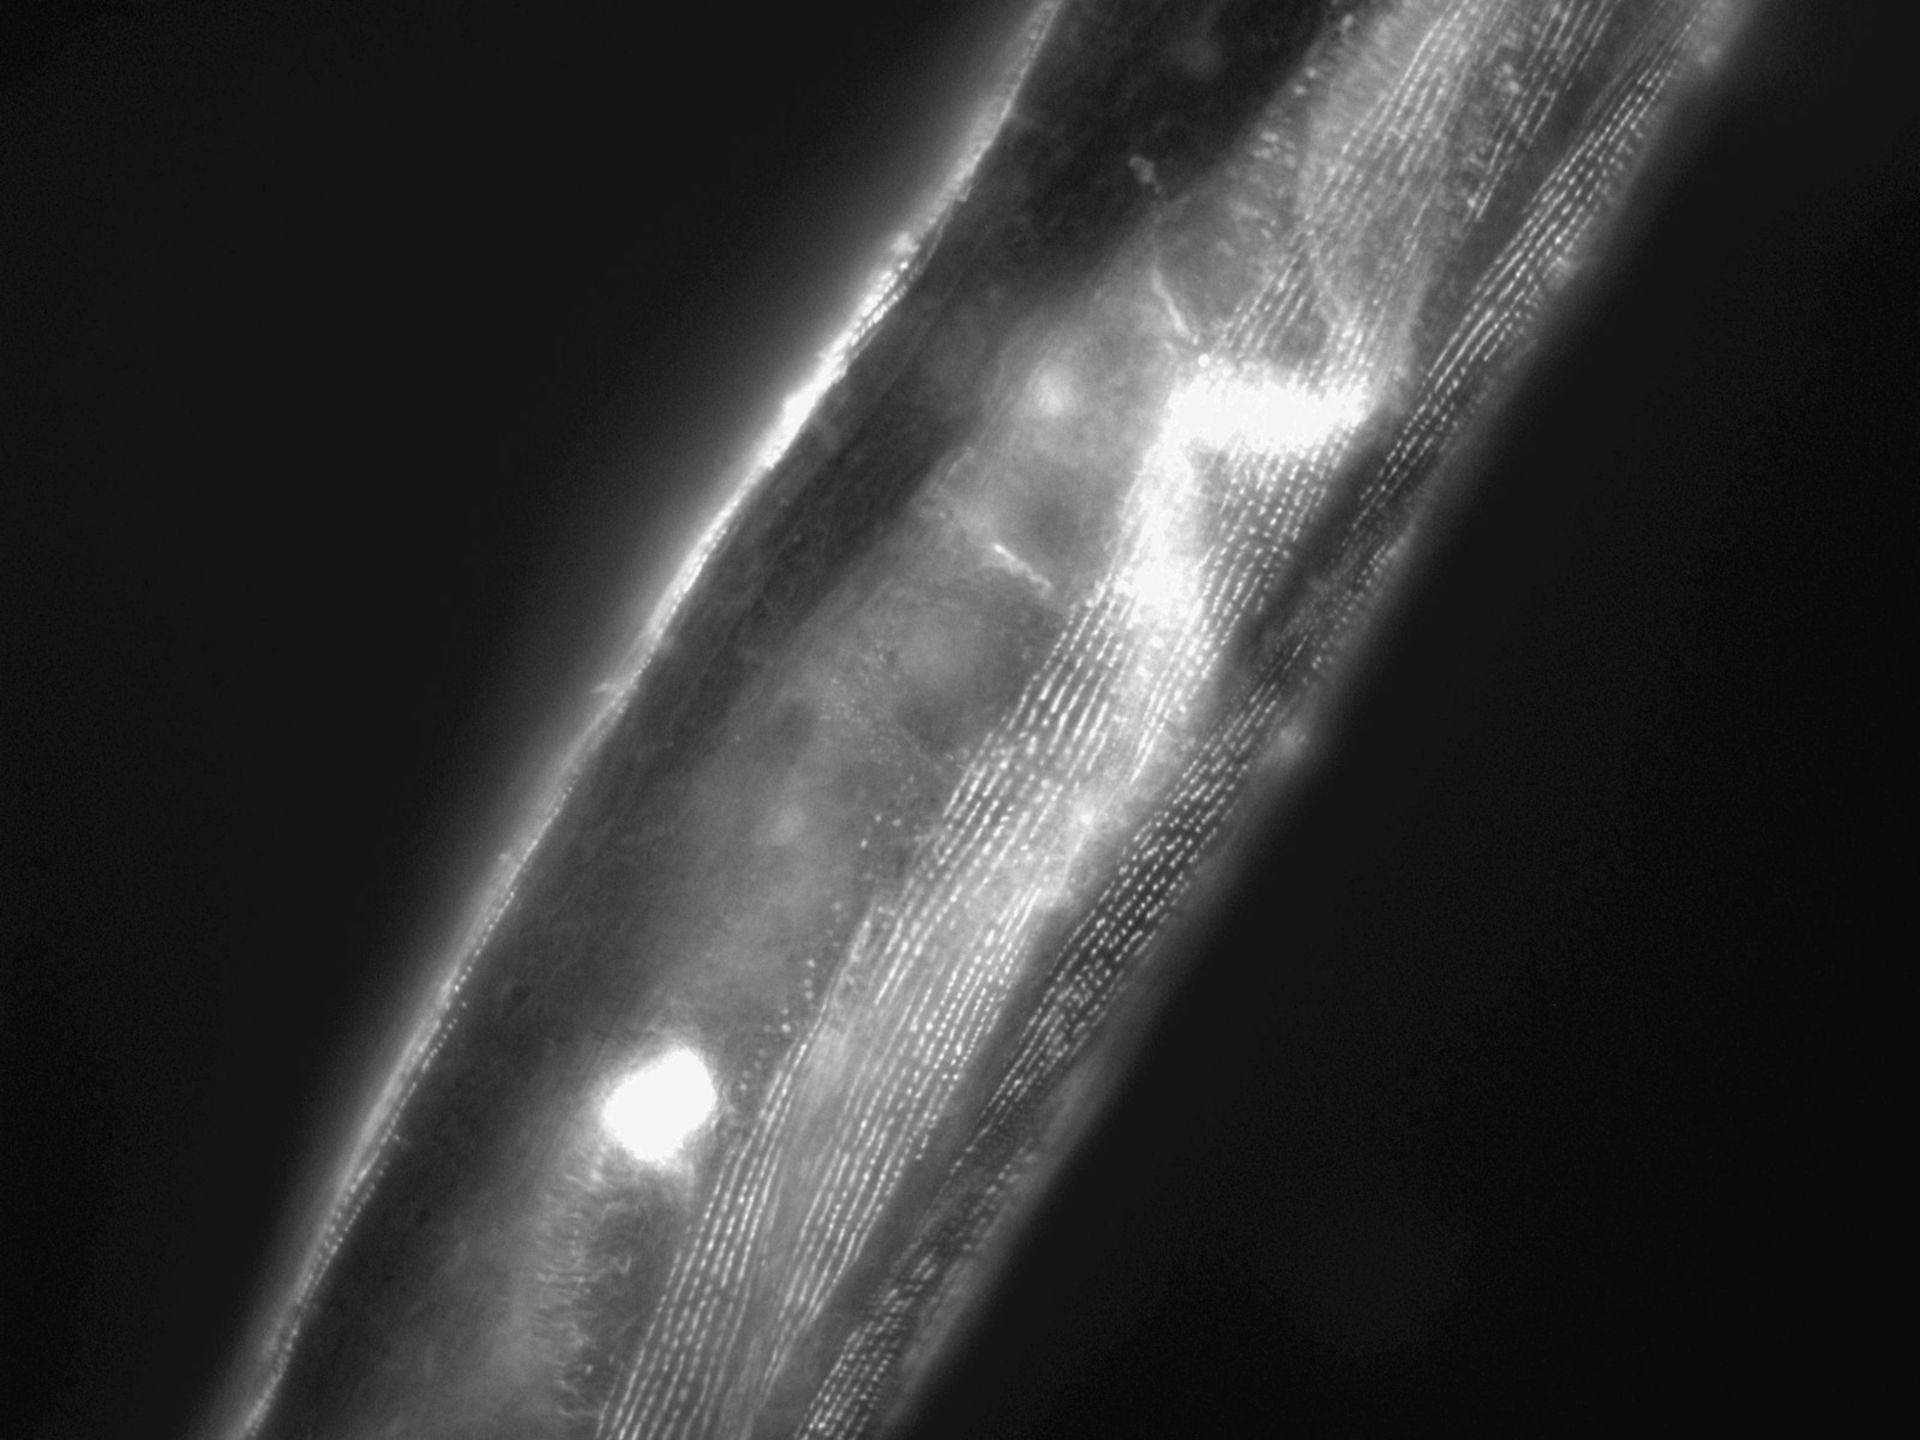 Caenorhabditis elegans (Actin filament) - CIL:1149